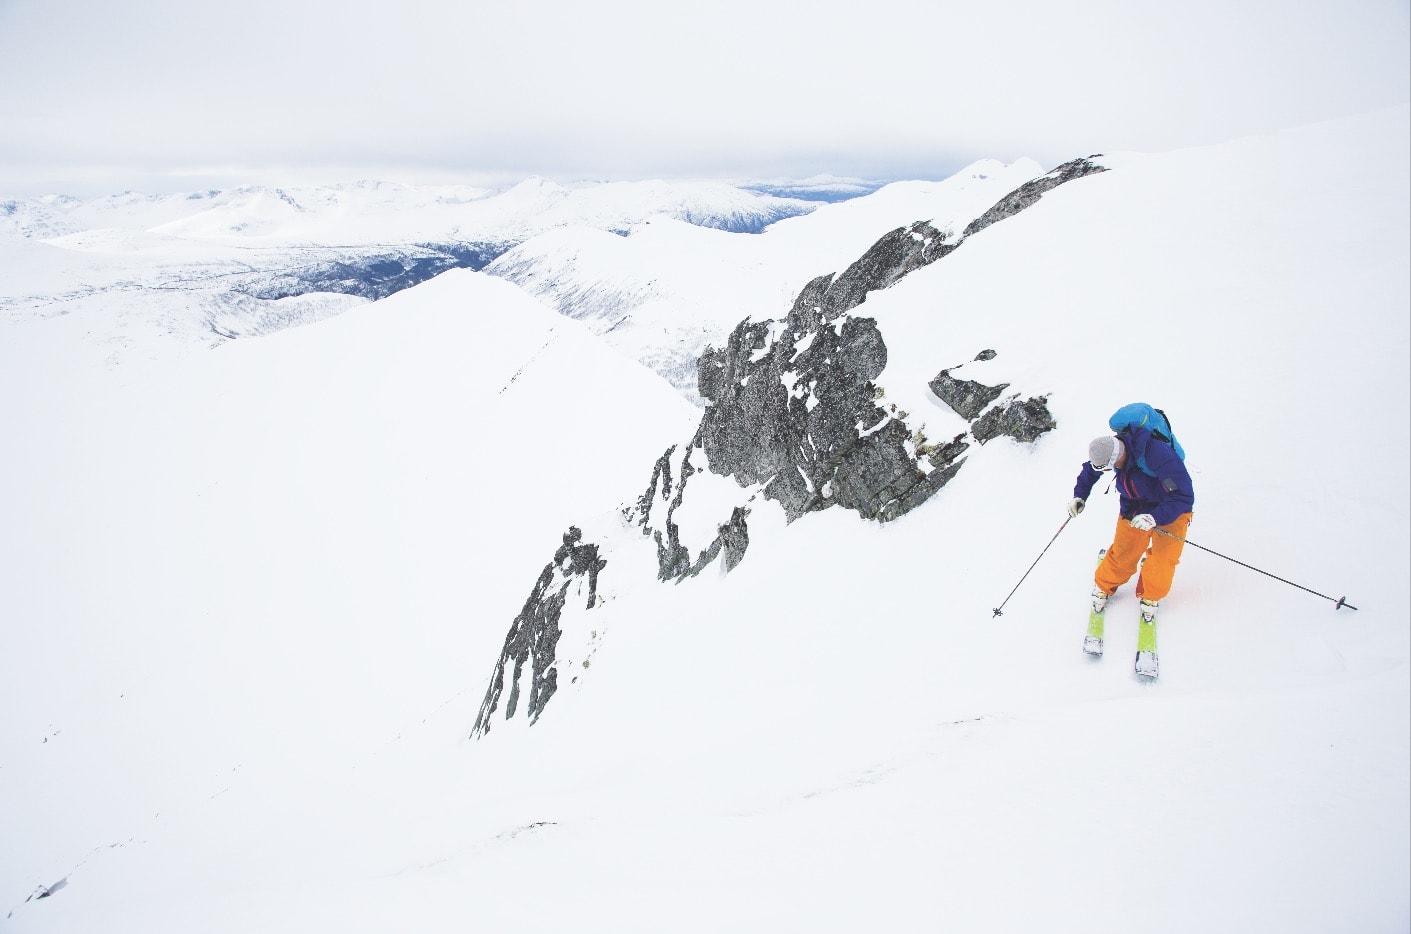 TRYKK PÅ YTTERSKI: Når det er veldig bratt, veldig hardt og veldig lite sikt, da gjelder det å trykke skiene fast i snøen, slik Terje Storli gjør i toppen av topprenna på Tydalsnebba.